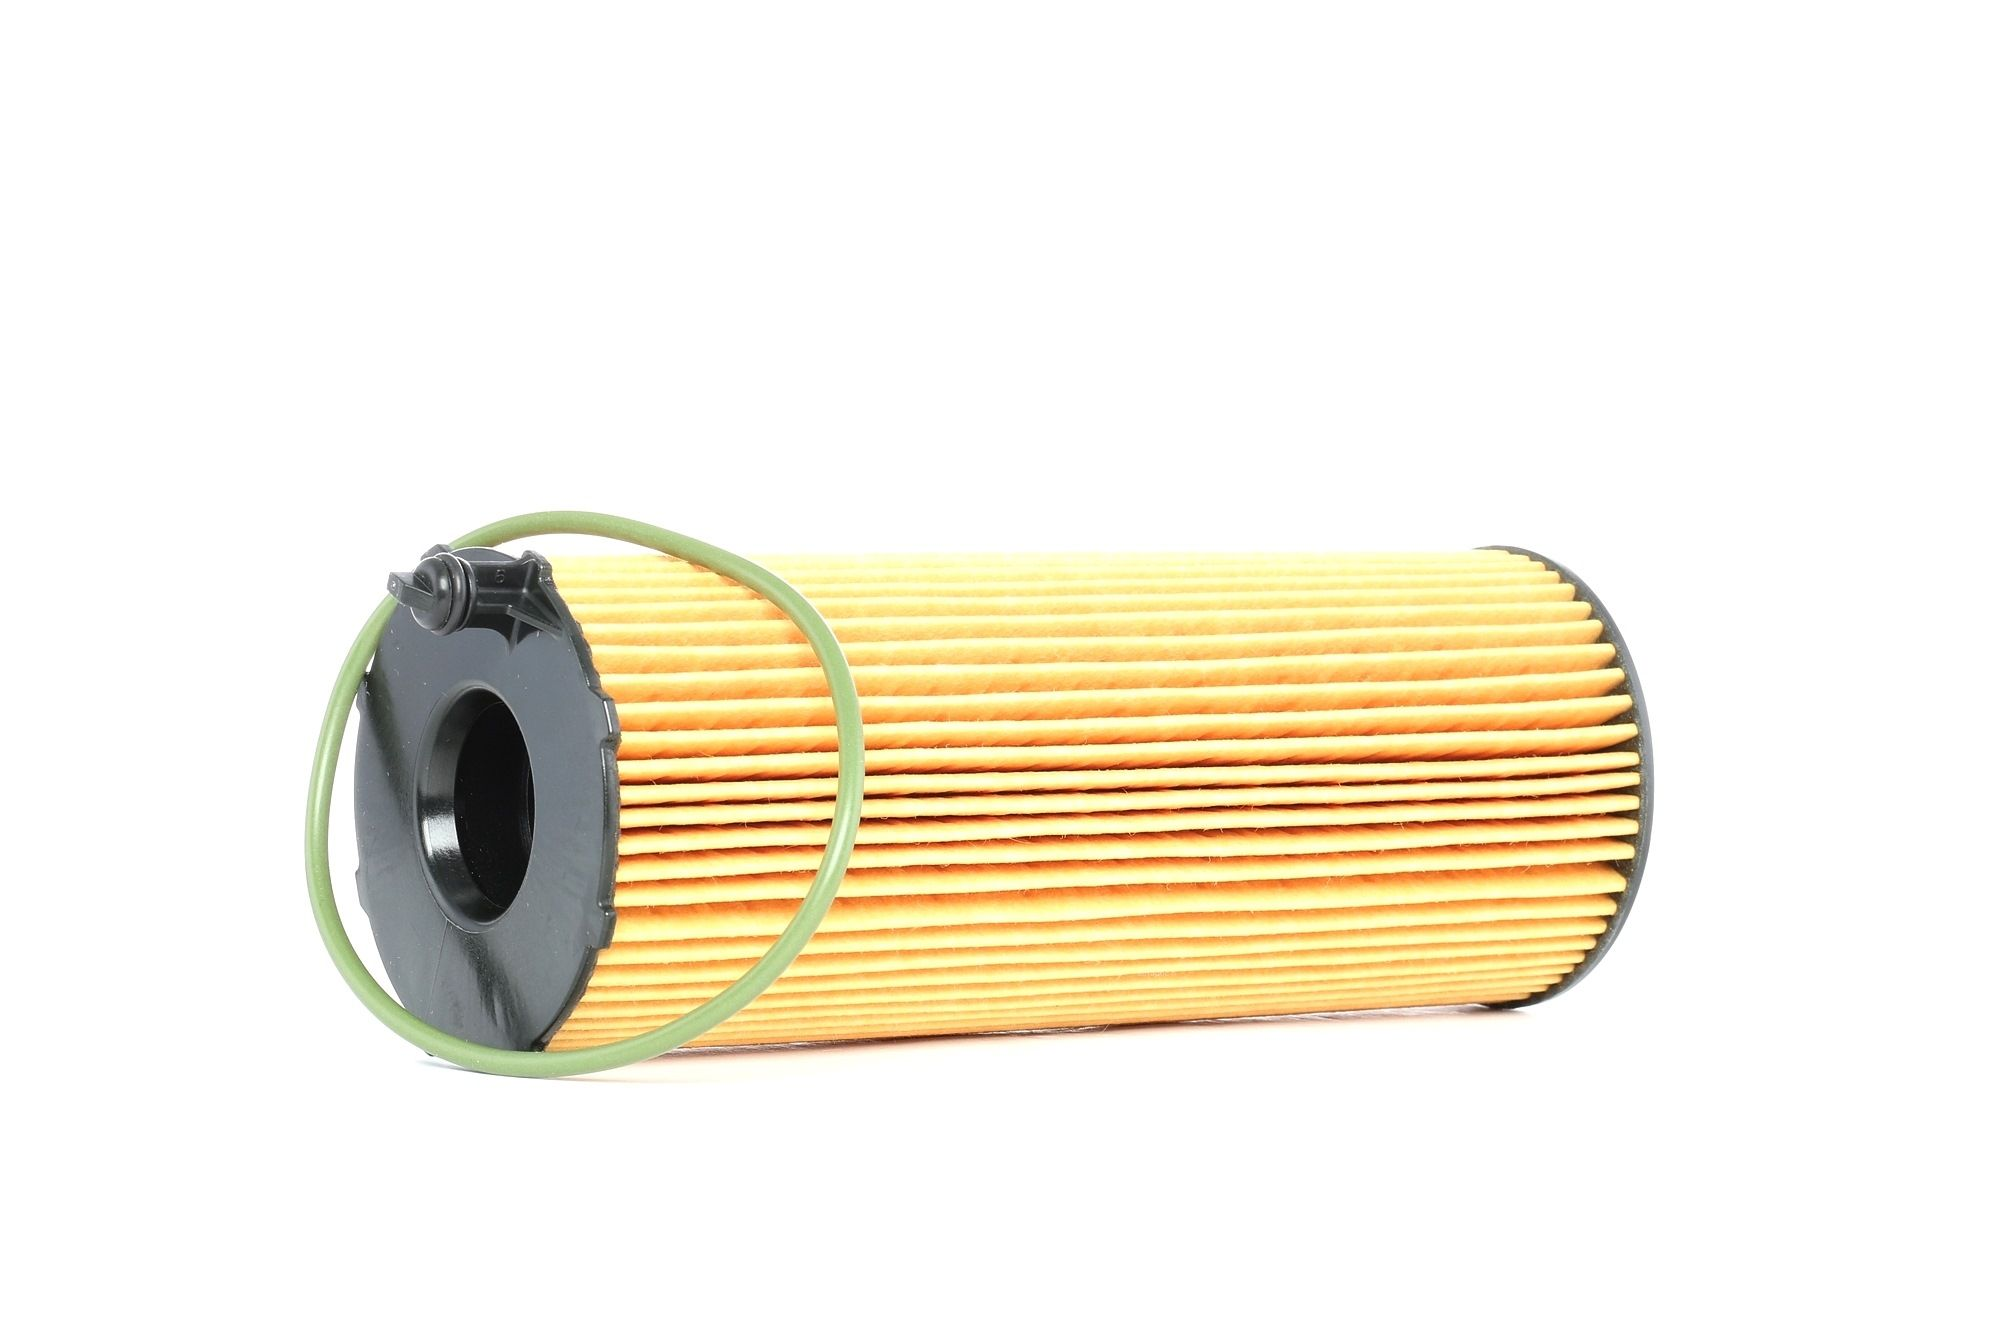 Achetez Filtre à huile MAHLE ORIGINAL OX 196/3D (Diamètre intérieur 2: 29mm, Ø: 76,0mm, Ø: 76,0mm, Hauteur: 200mm, Hauteur 1: 182mm) à un rapport qualité-prix exceptionnel